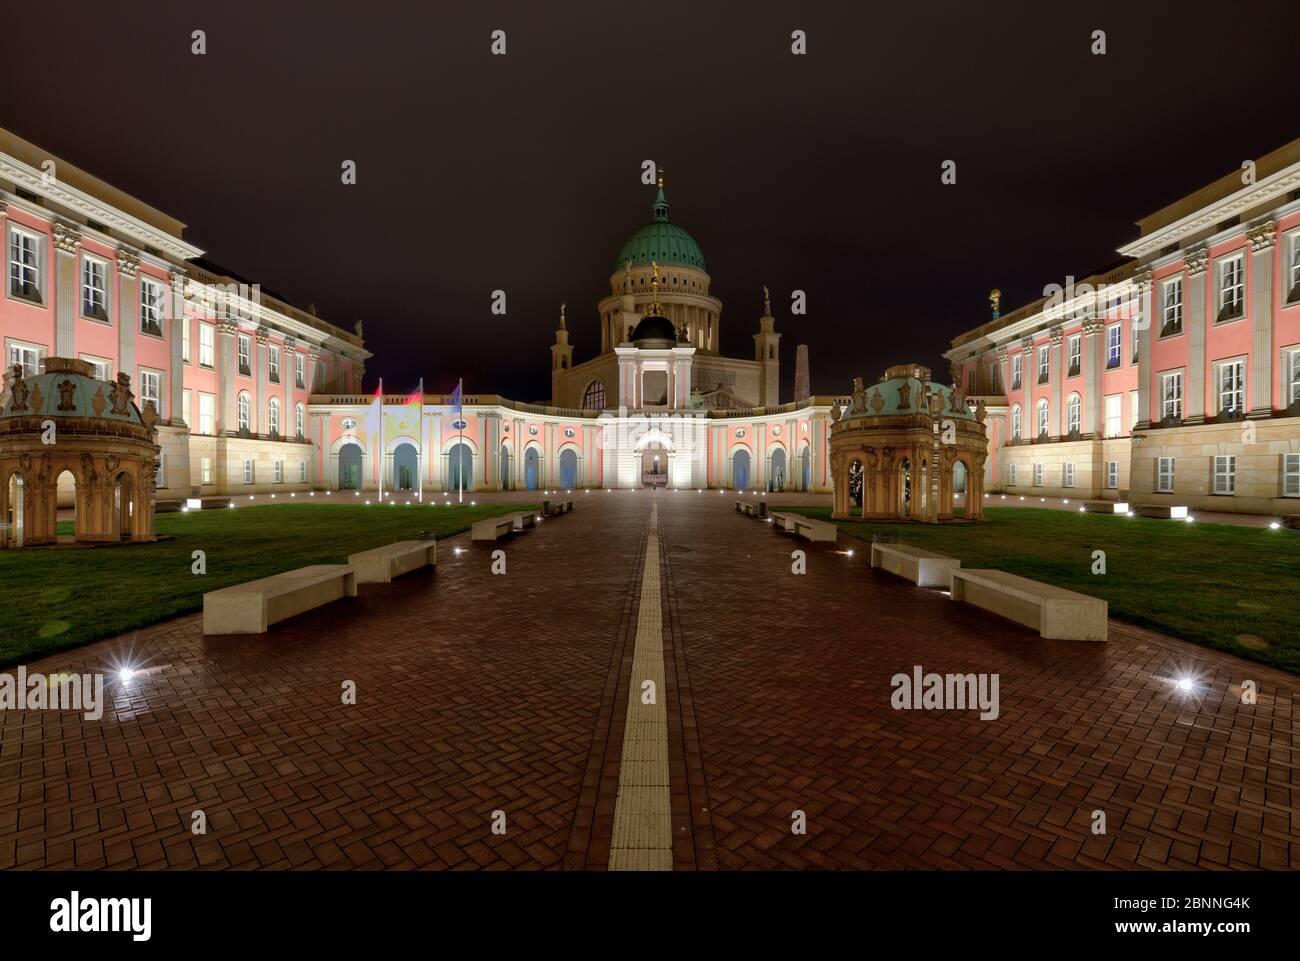 Palazzo della città, Governo dello Stato, Corte interna, ora Blu, Nikolaikirche, Potsdam, Brandeburgo, Germania, Europa Foto Stock